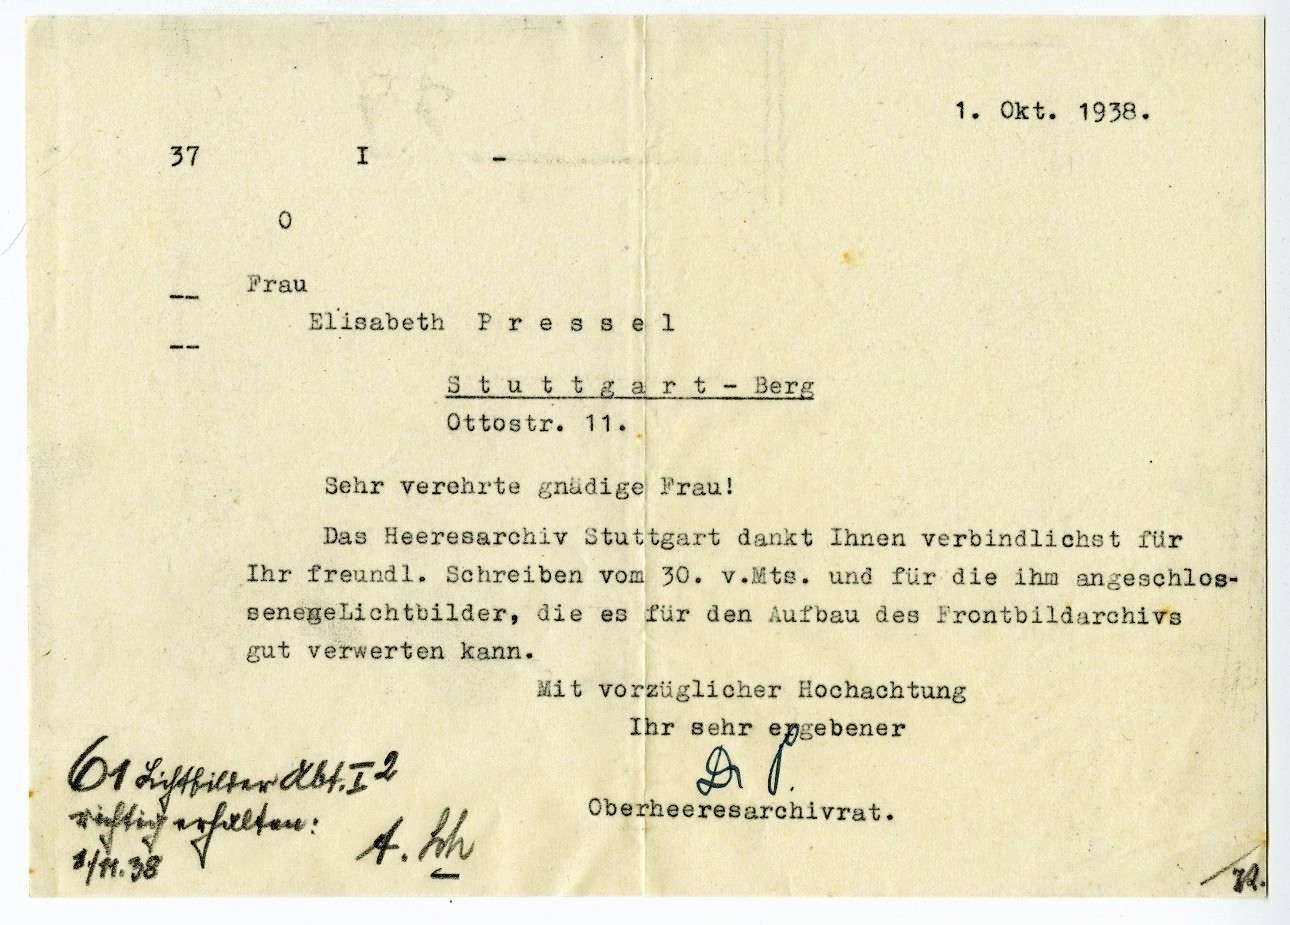 Pressel, Ernst, Dr.med., Bild 2